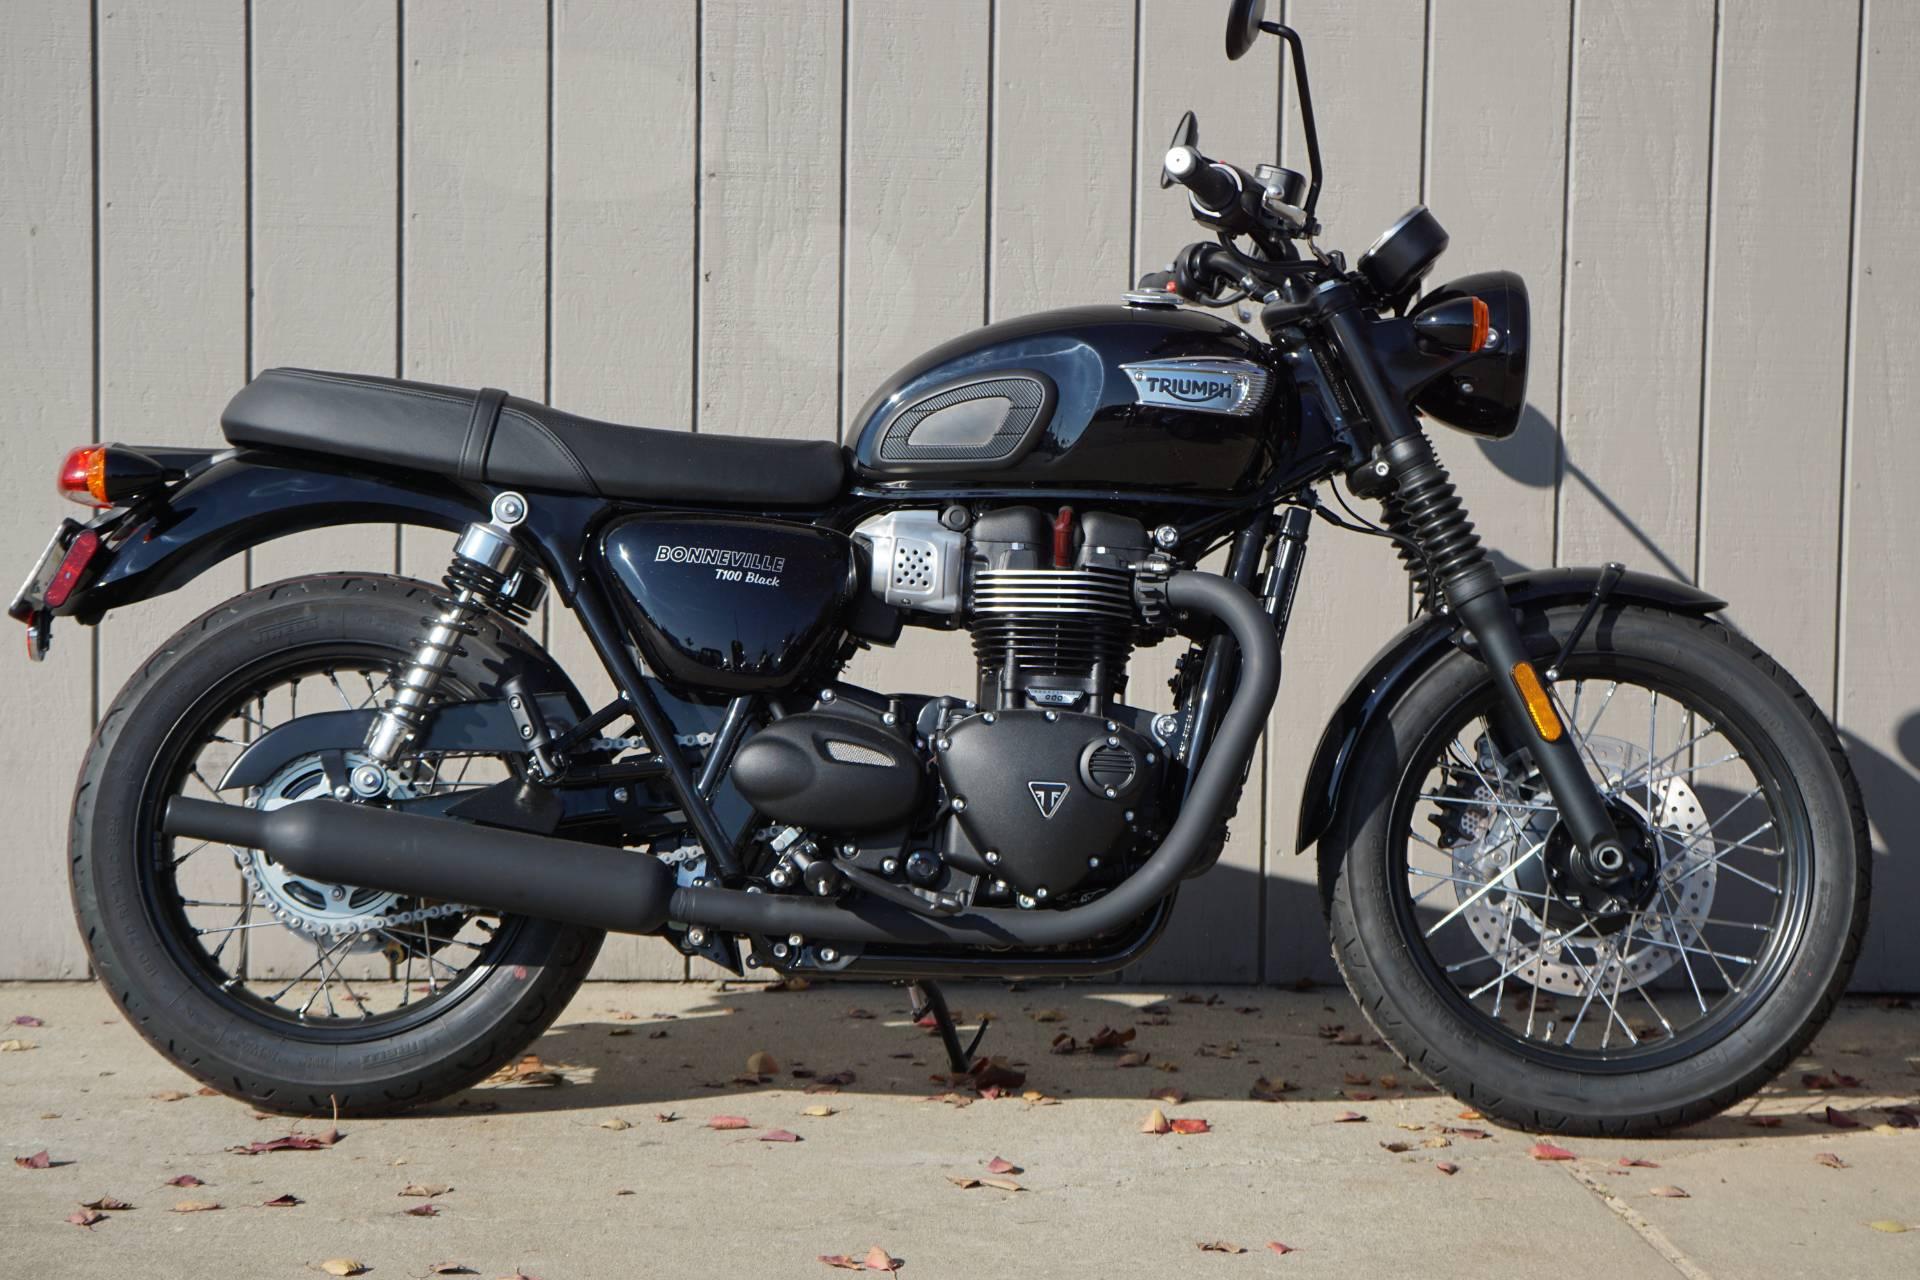 2018 Triumph Bonneville T100 Black for sale 125